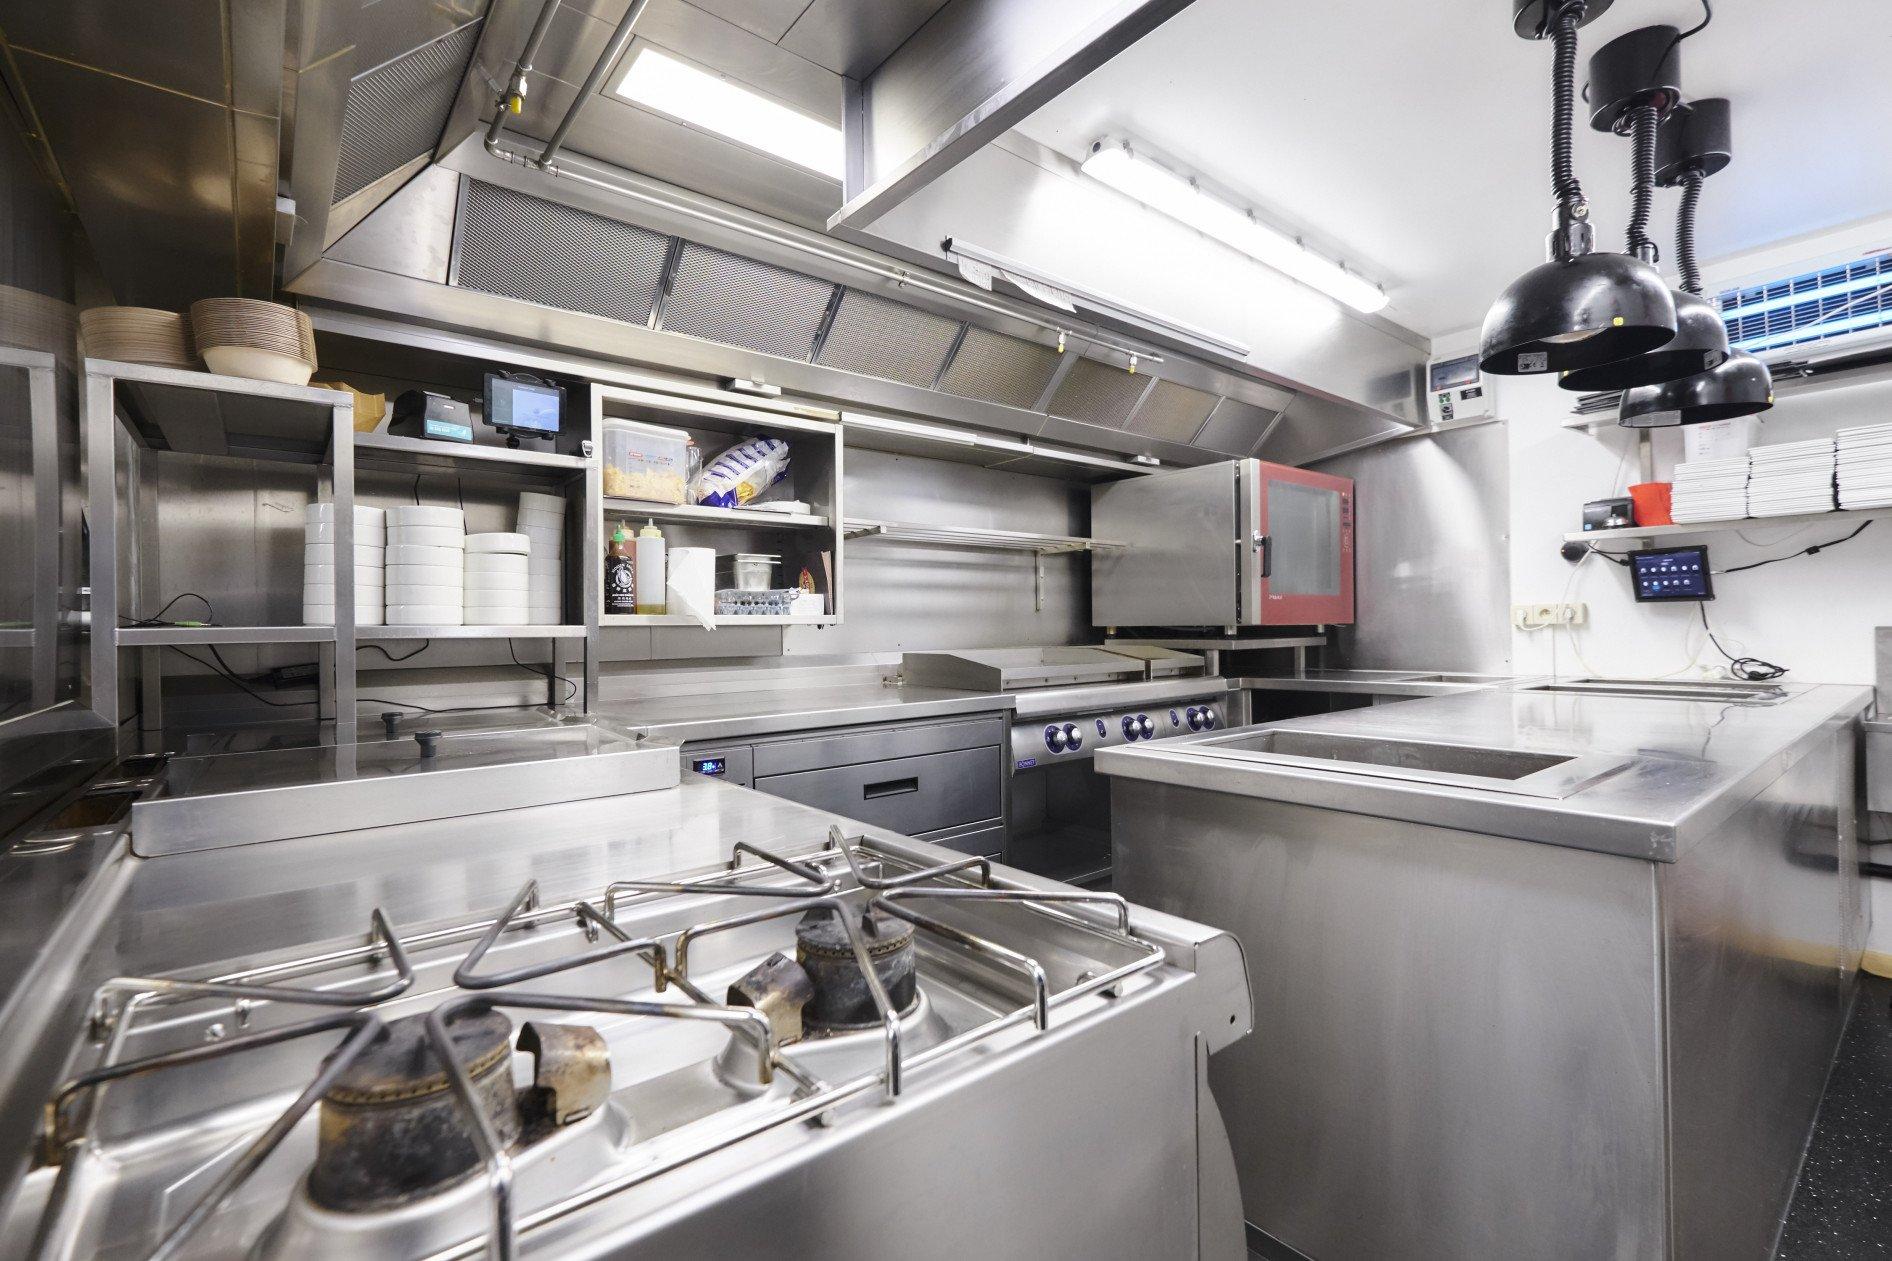 Een keuken in een kelder is nooit eenvoudig, toch zijn we er terug aardig in geslaagd er een...